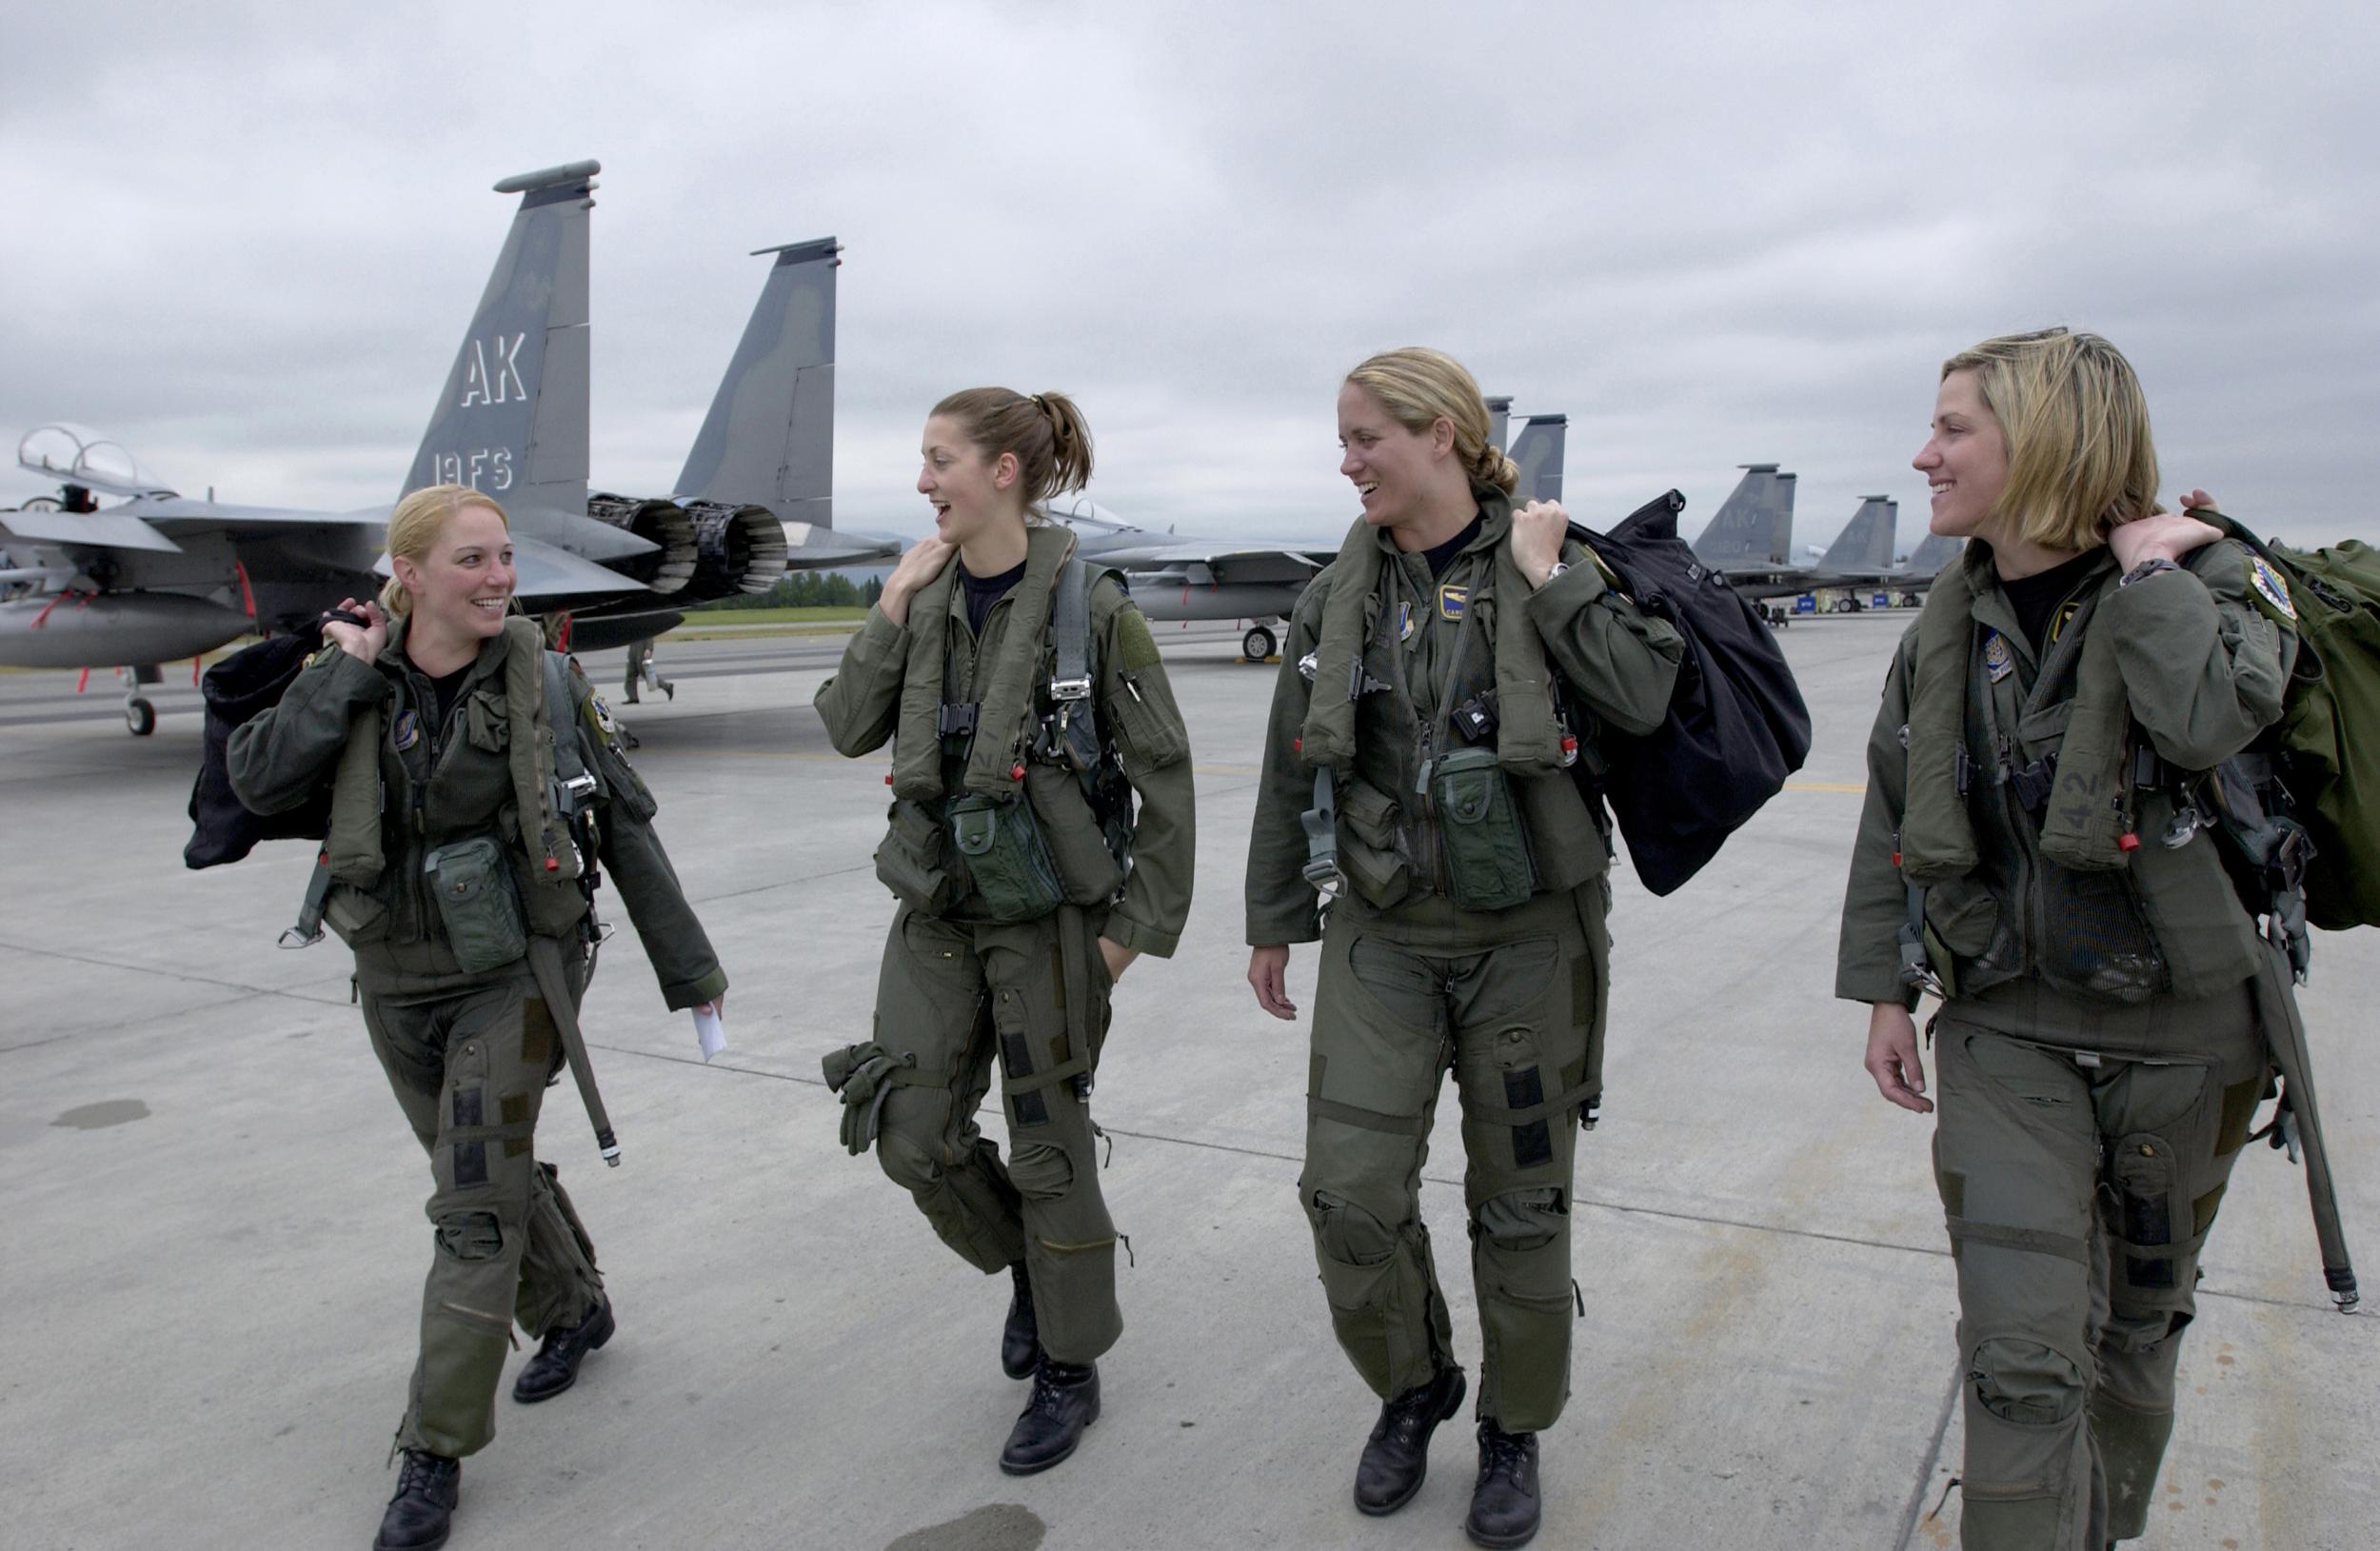 γυναίκες-στρατός.jpg